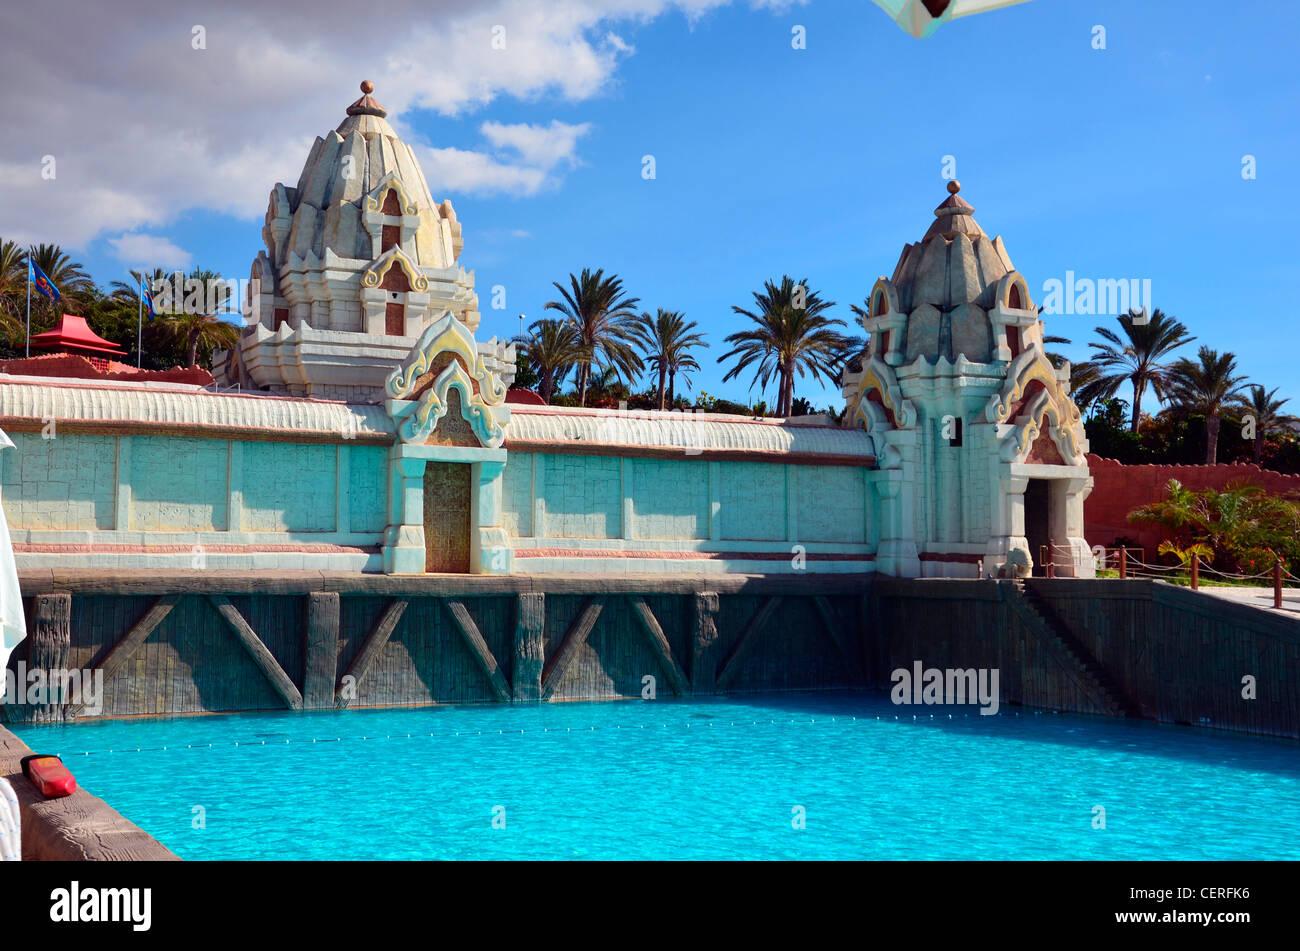 Siam Park, Water Kingdom Theme Park, Costa Adeje, Tenerife ...